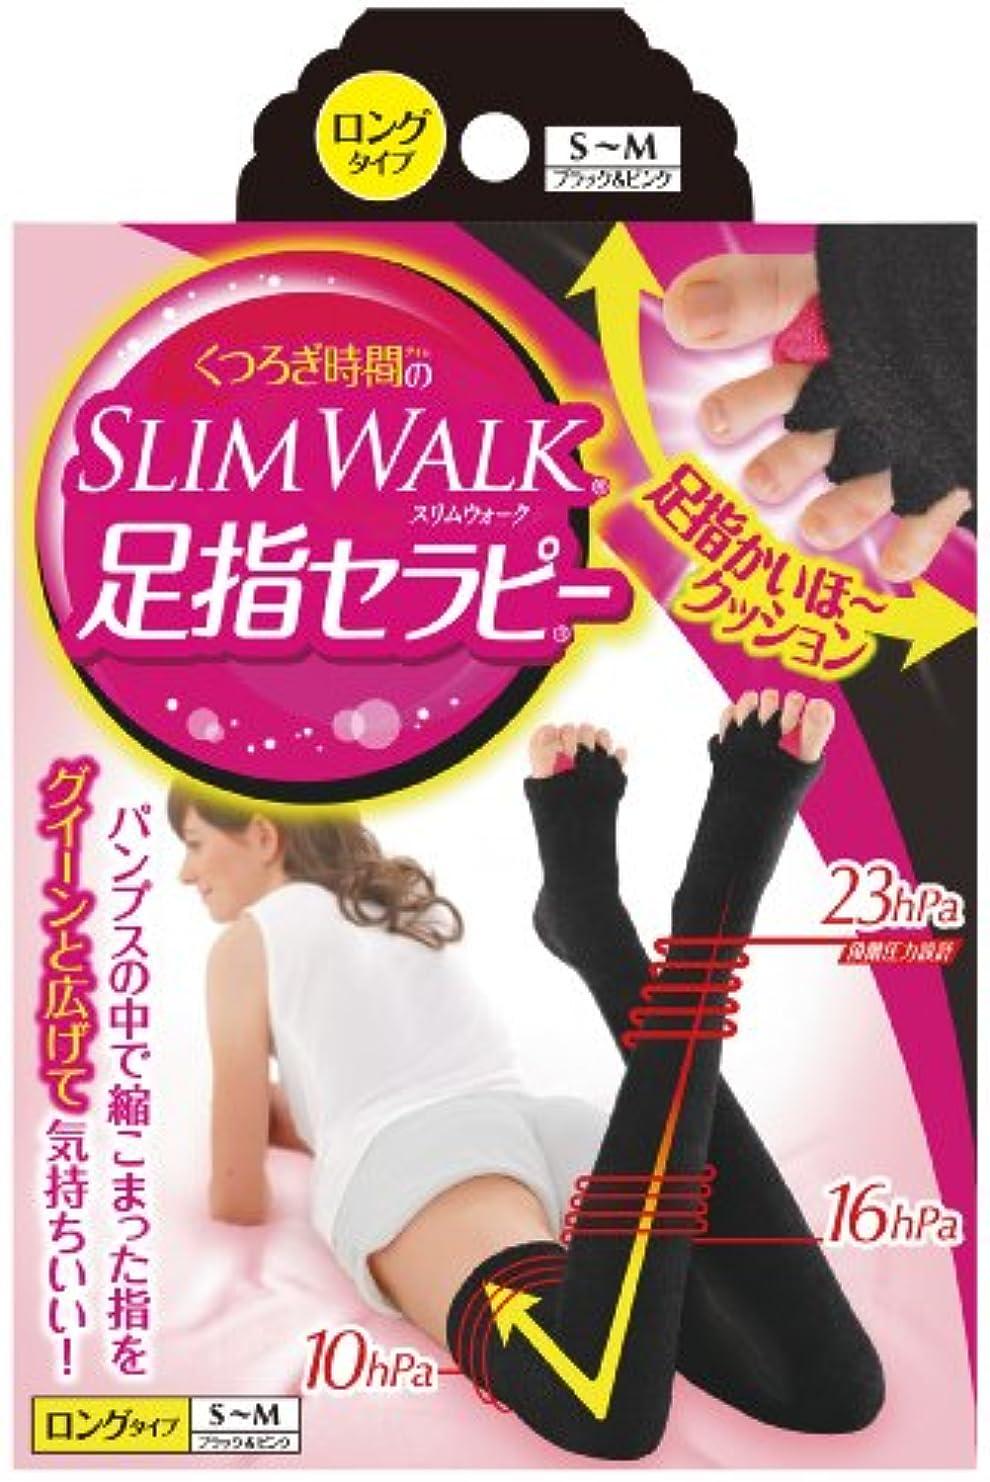 最も早いつまずく貸すスリムウォーク 足指セラピー (冬用) ロングタイプ S-Mサイズ ブラック&ピンク(SLIMWALK,split open-toe socks,SM)